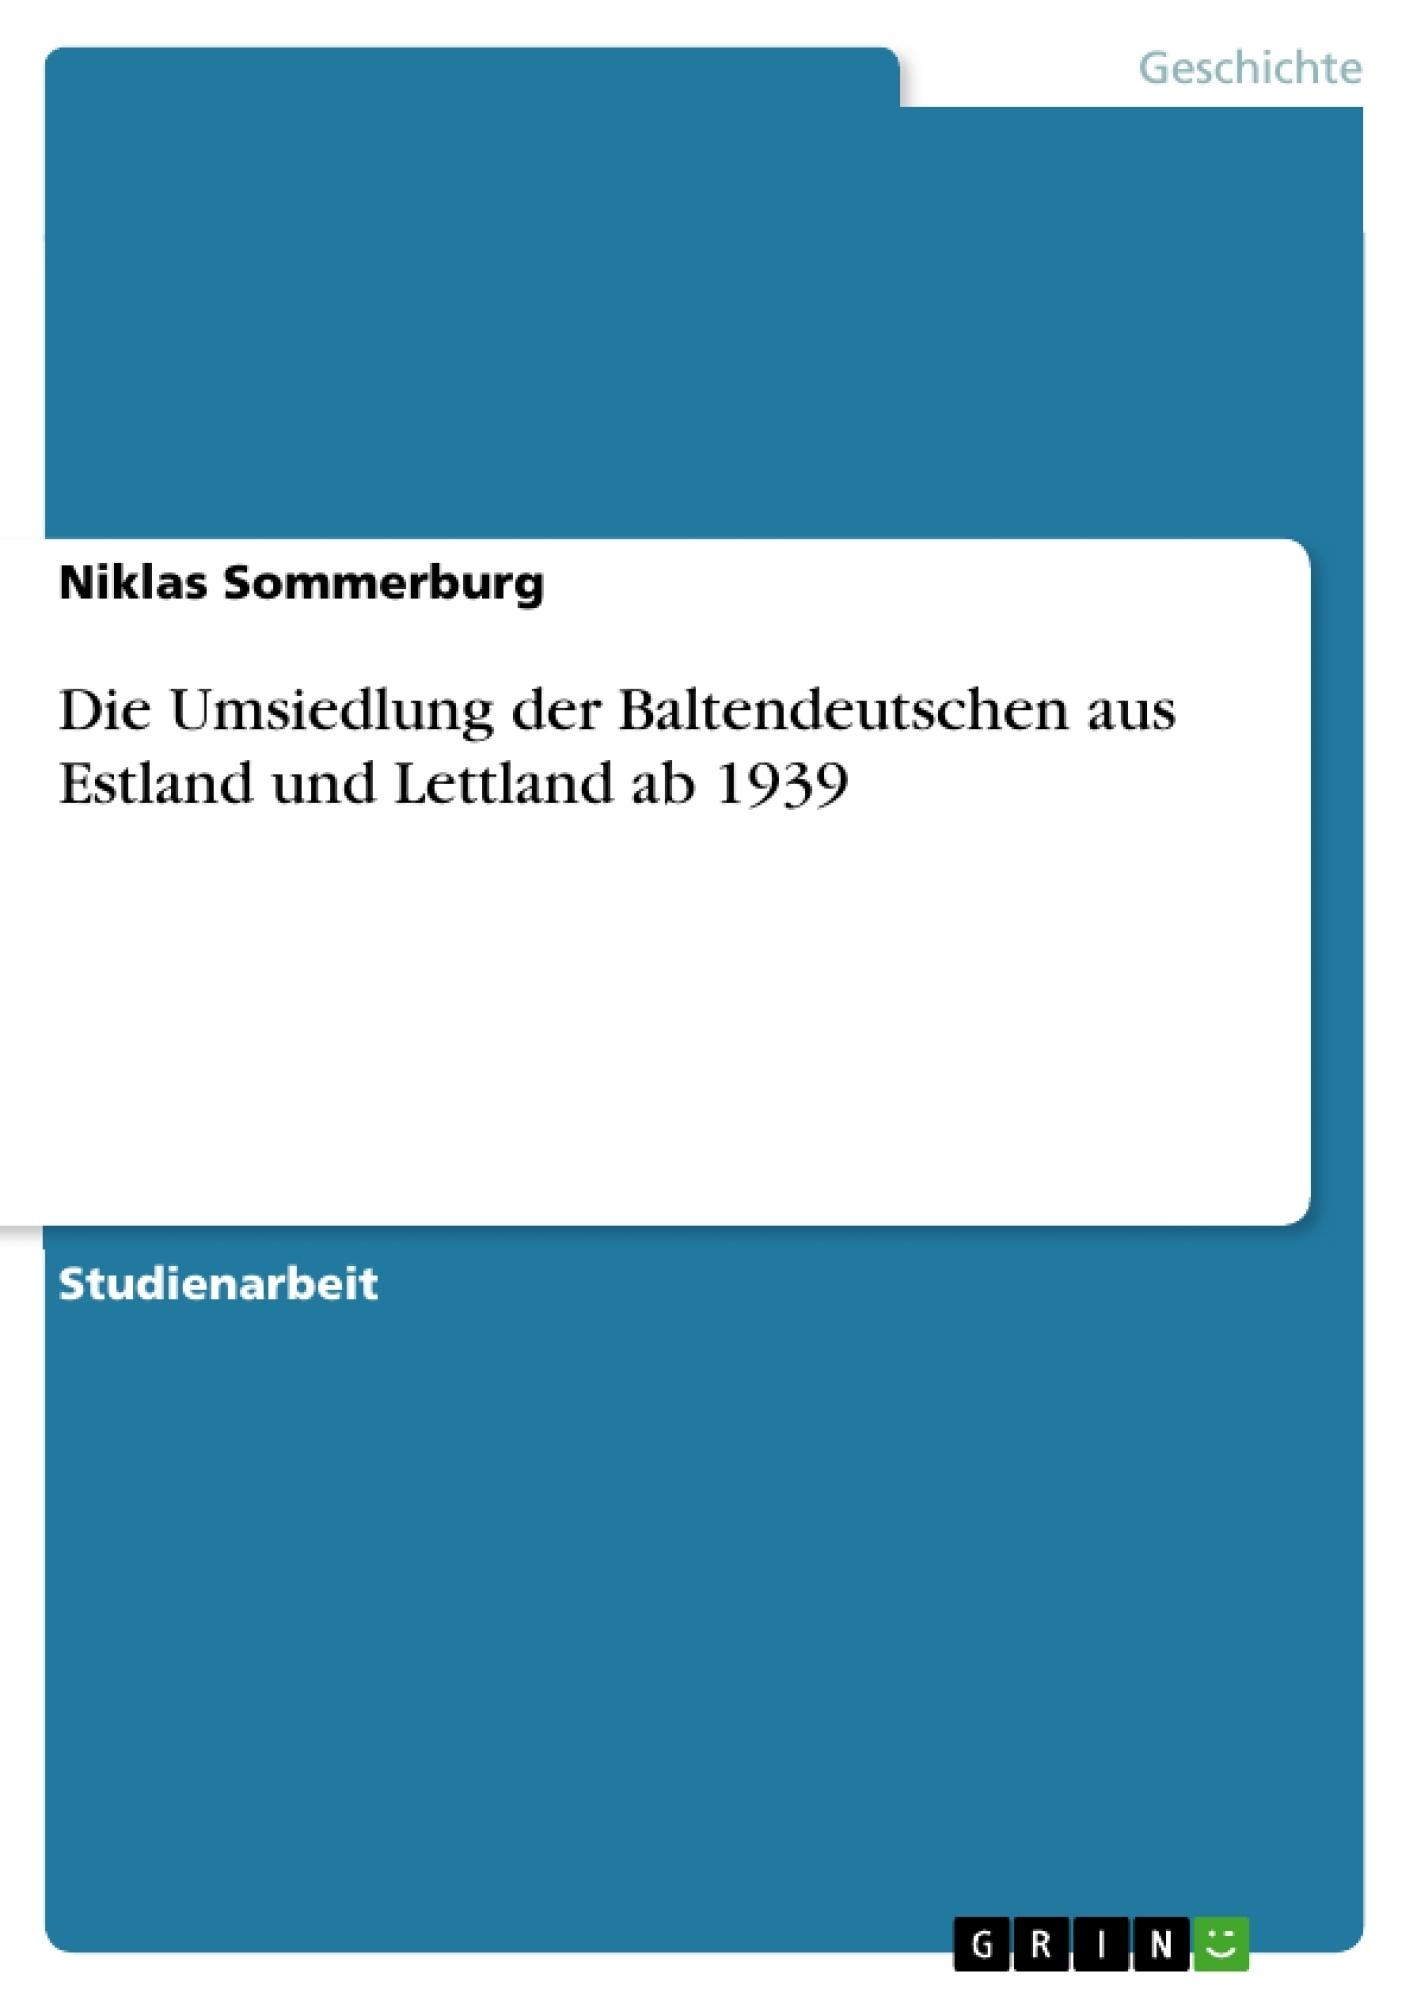 Titel: Die Umsiedlung der Baltendeutschen aus Estland und Lettland ab 1939